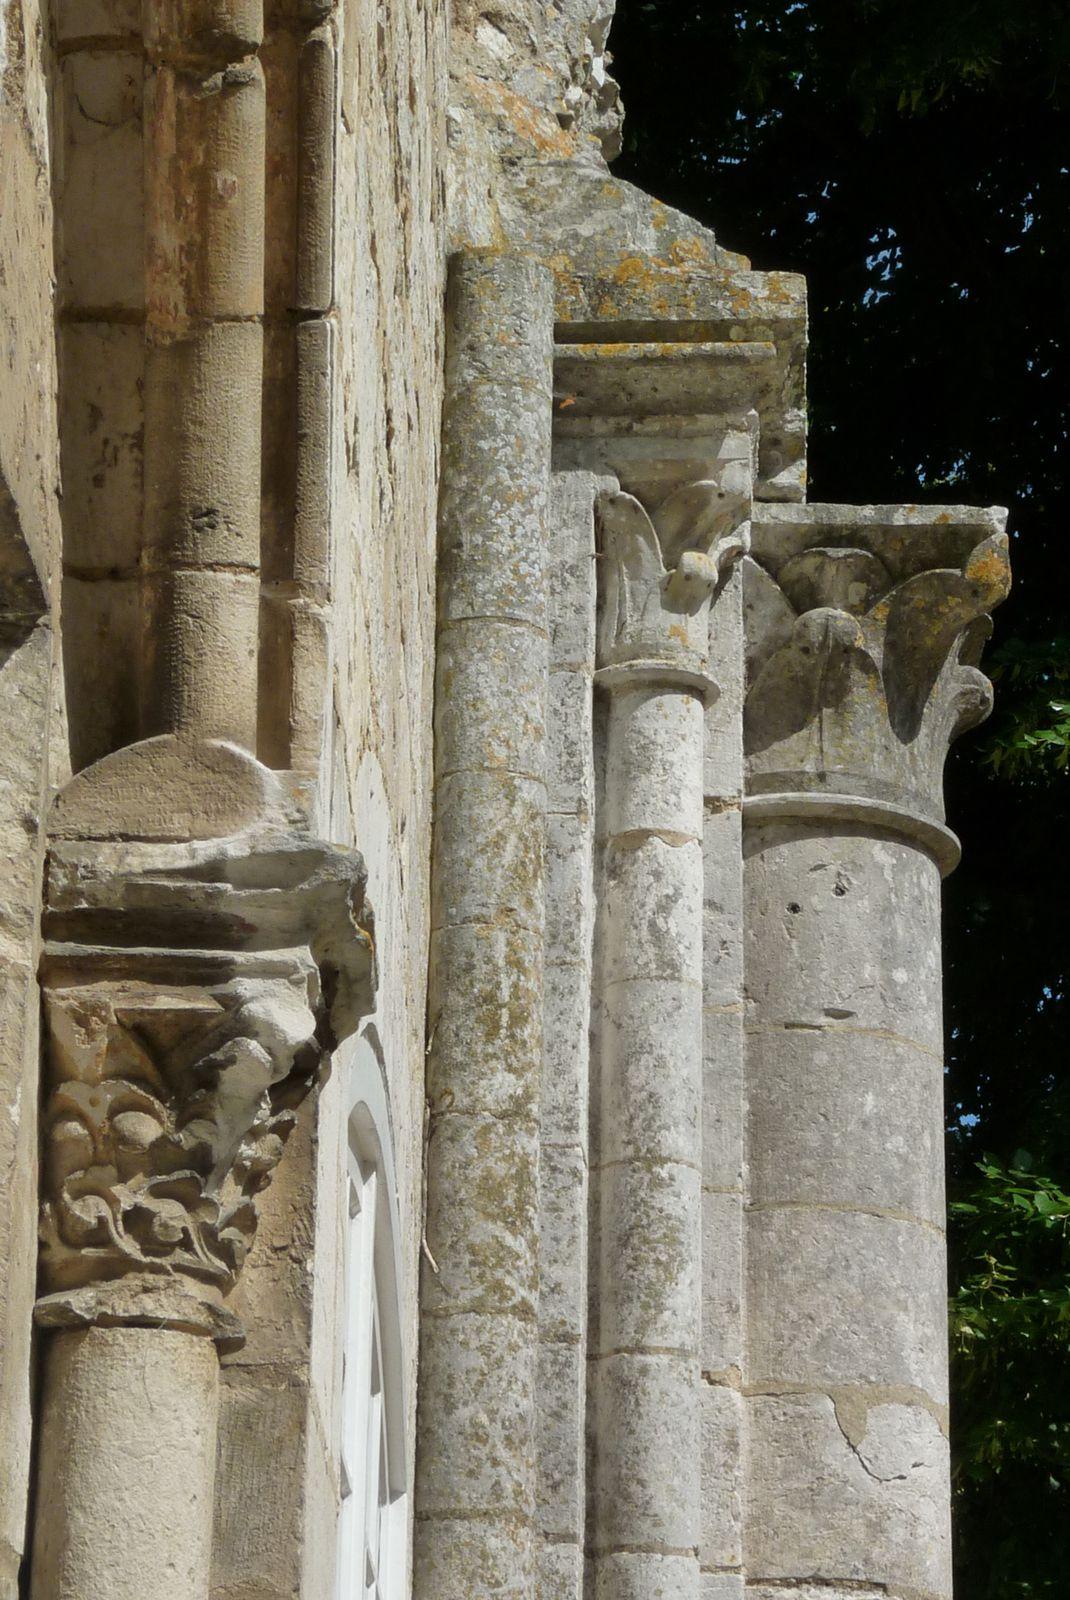 Photographies prises dans l'enceinte de l'ancienne abbaye de Bonport. L'une montre la base des colonnes de Notre-Dame, vendues entre la fin du XVIIIe siècle et le début du XIXe siècle. L'autre montre les vestiges de faisceaux de colonnes engagés dans le mur du dortoir et donc non démontables pour être vendus (clichés d'Armand Launay, juin 2010 pour les bases de colonnes, aout 2016 pour les vestiges accolés au dortoir).